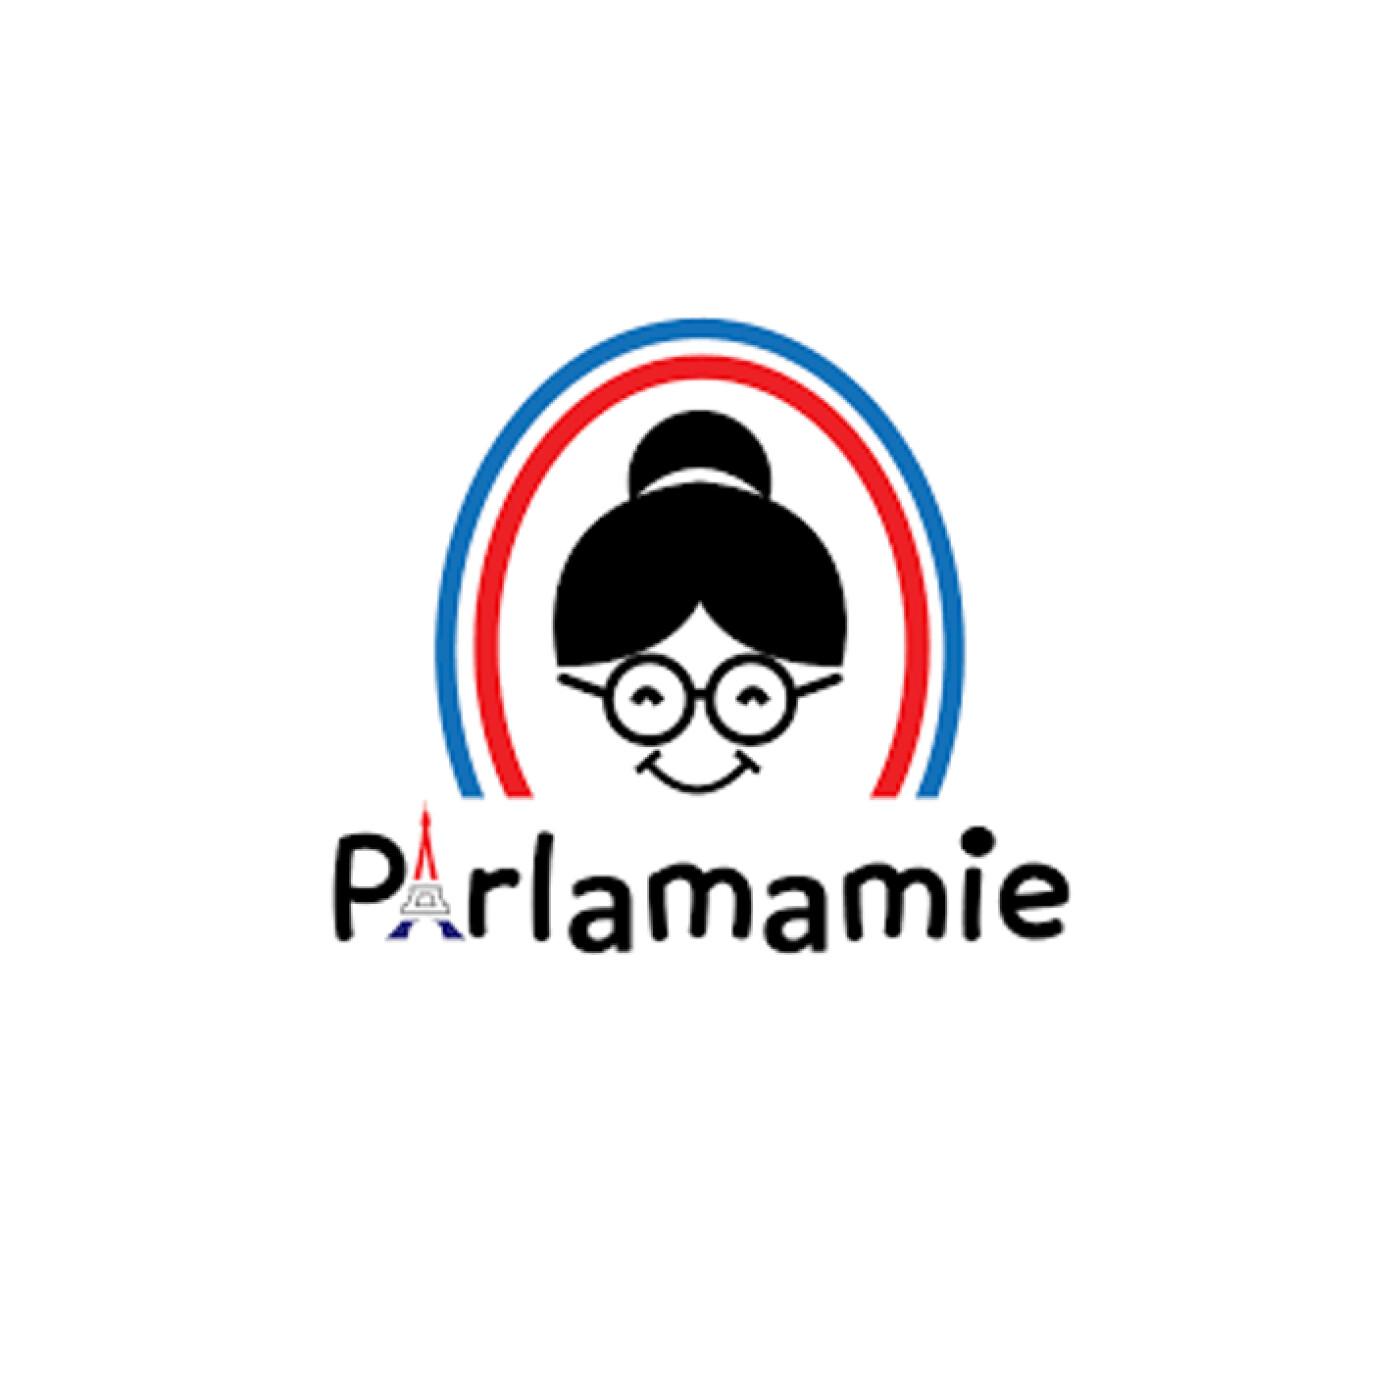 Elodie présente ParleAMamie, Cours de français langue maternelle pour enfants expatriés - 27 09 2021 - StereoChic Radio